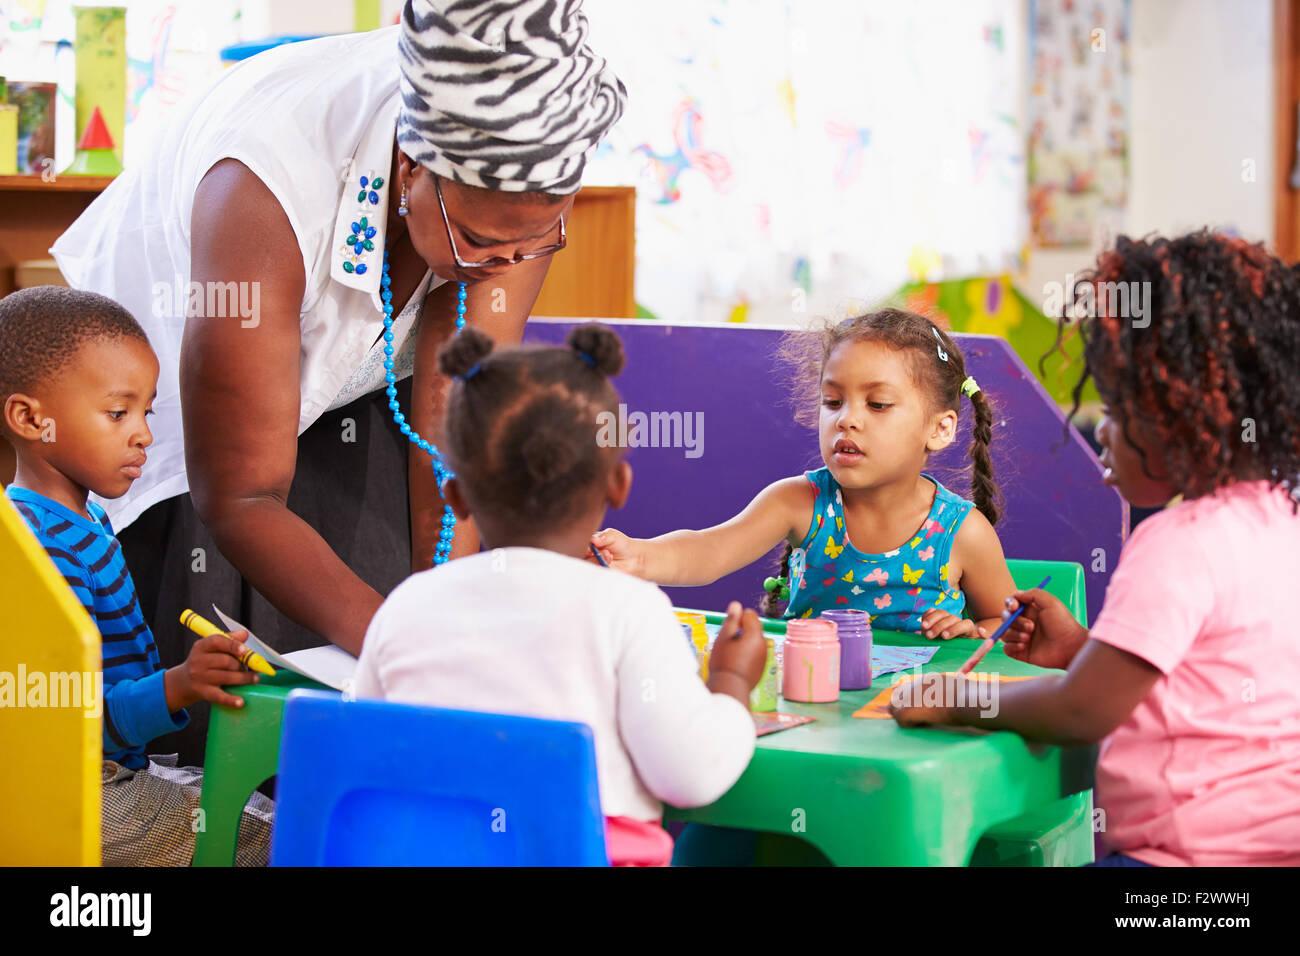 Insegnante aiuta i ragazzi in una classe di età prescolare Immagini Stock